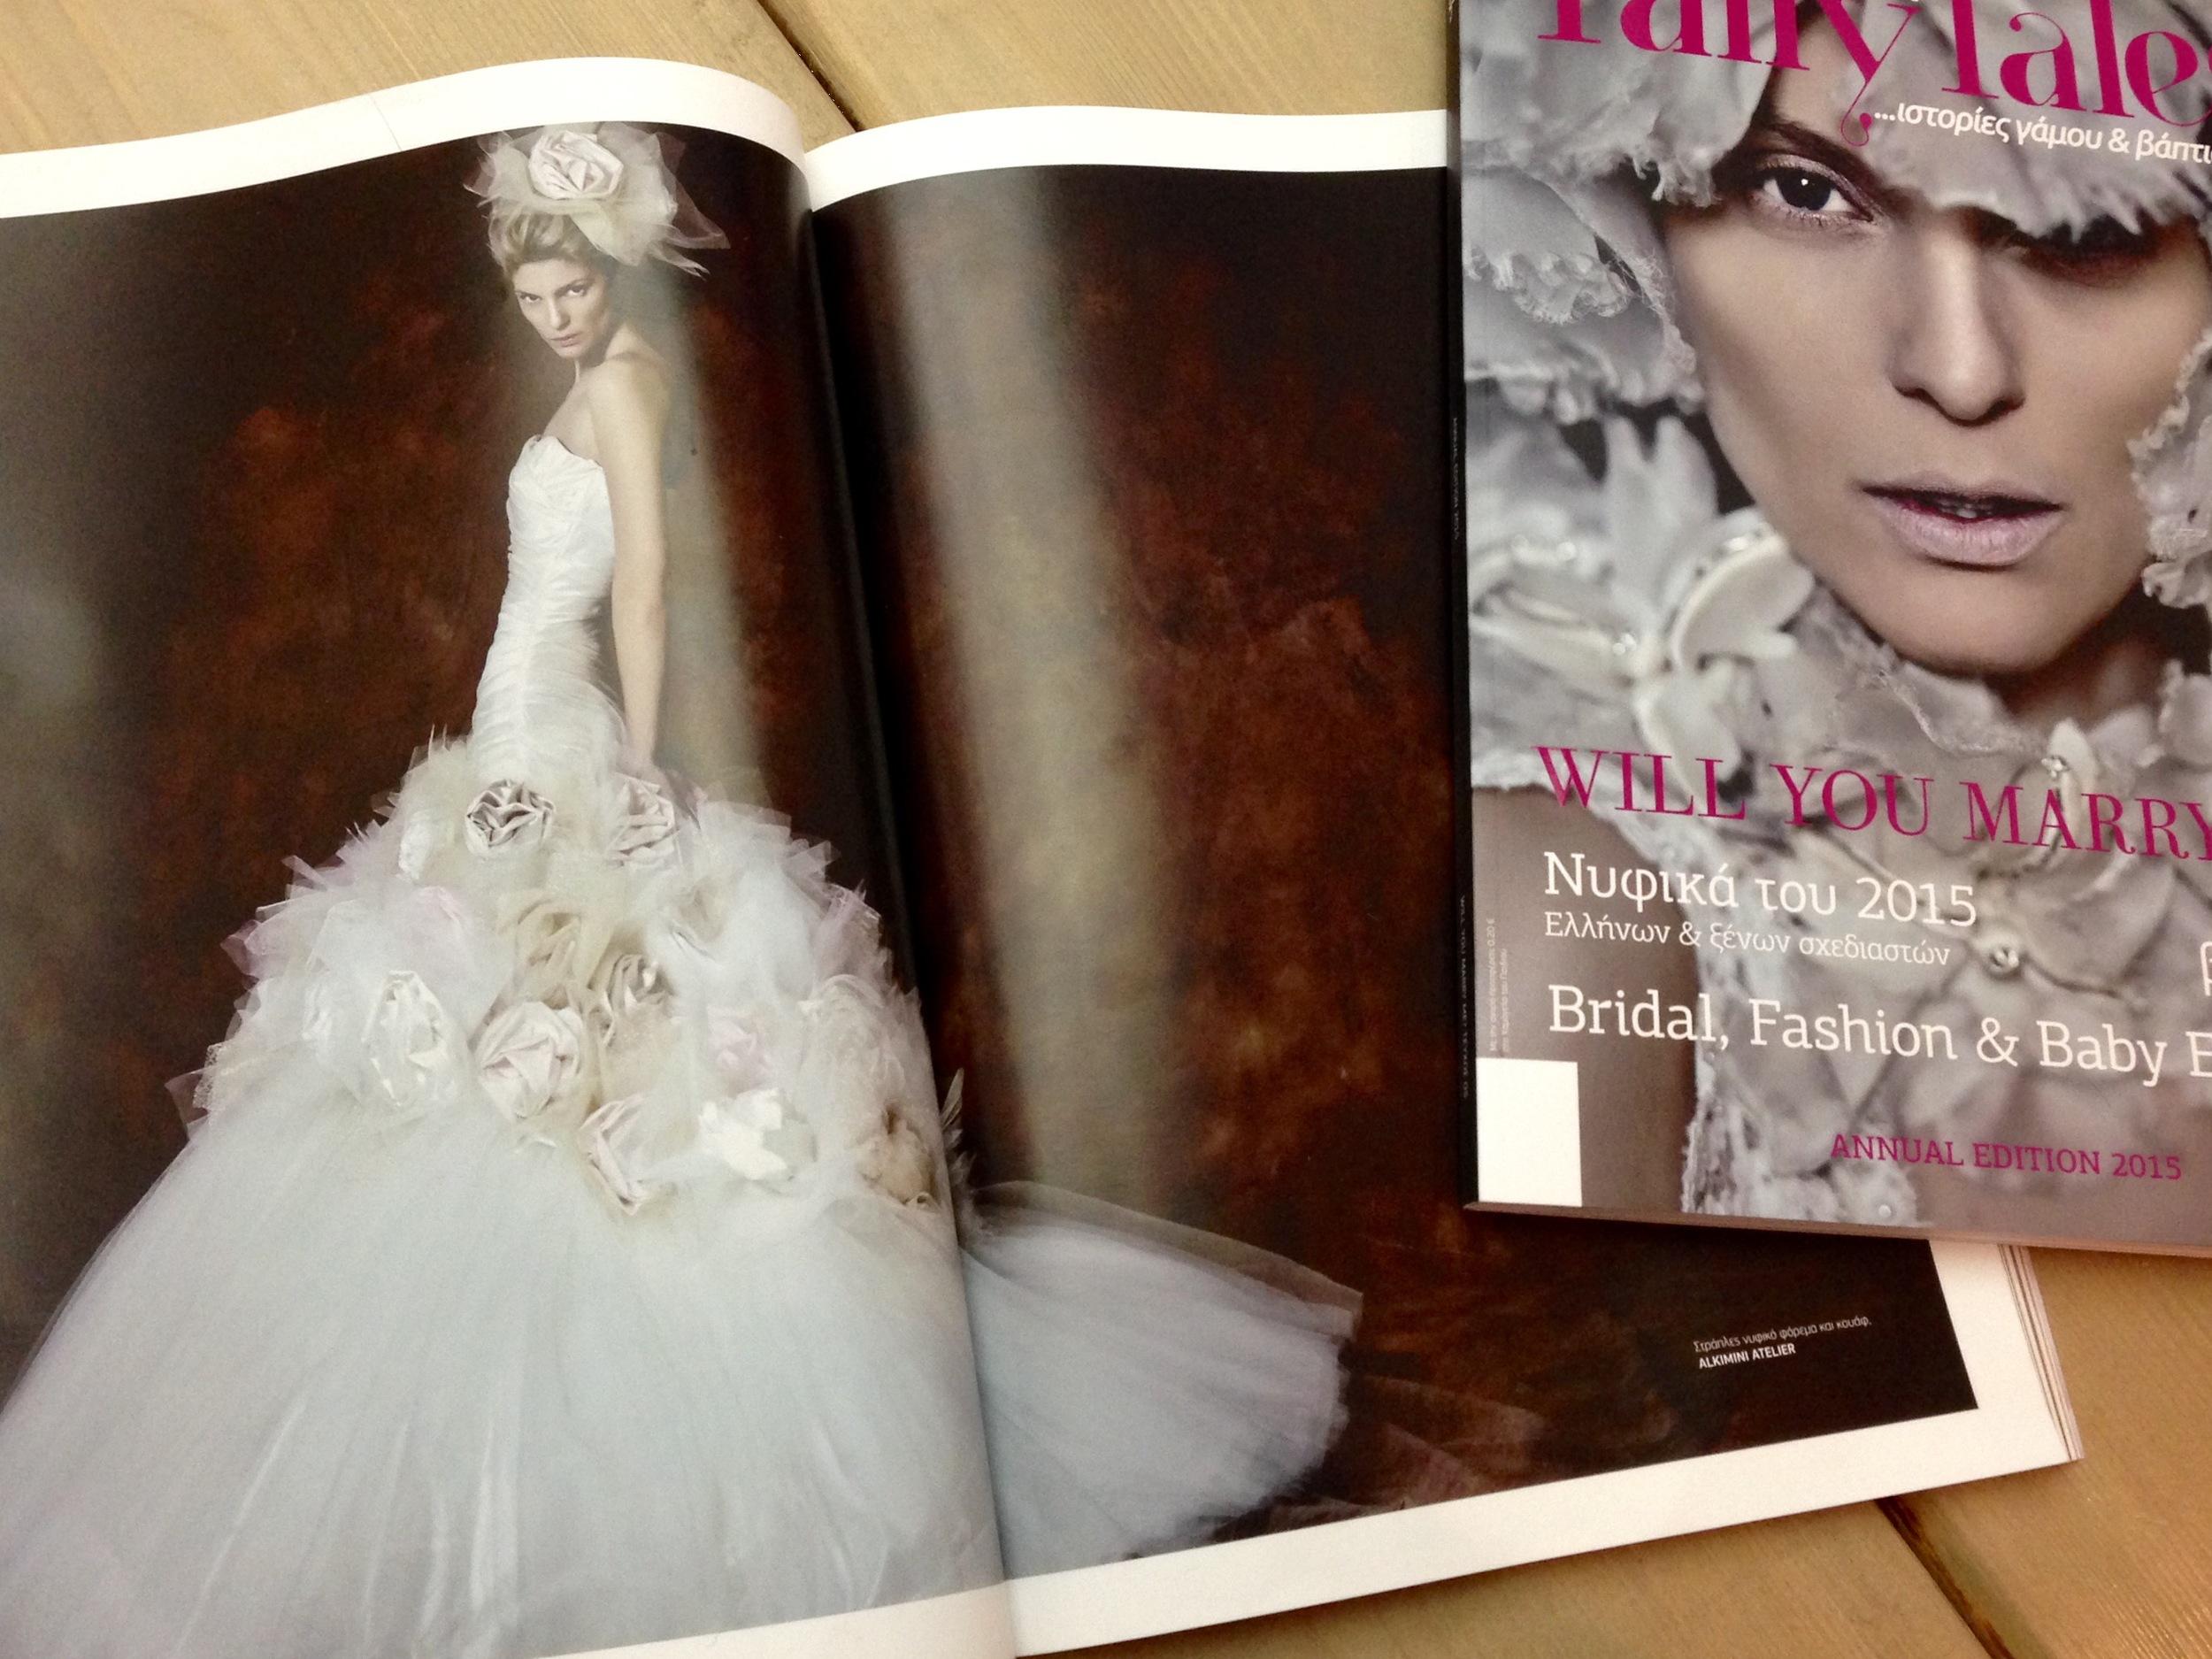 Νυφικό Alkmini στο περιοδικό γάμου Cozy FairyTales